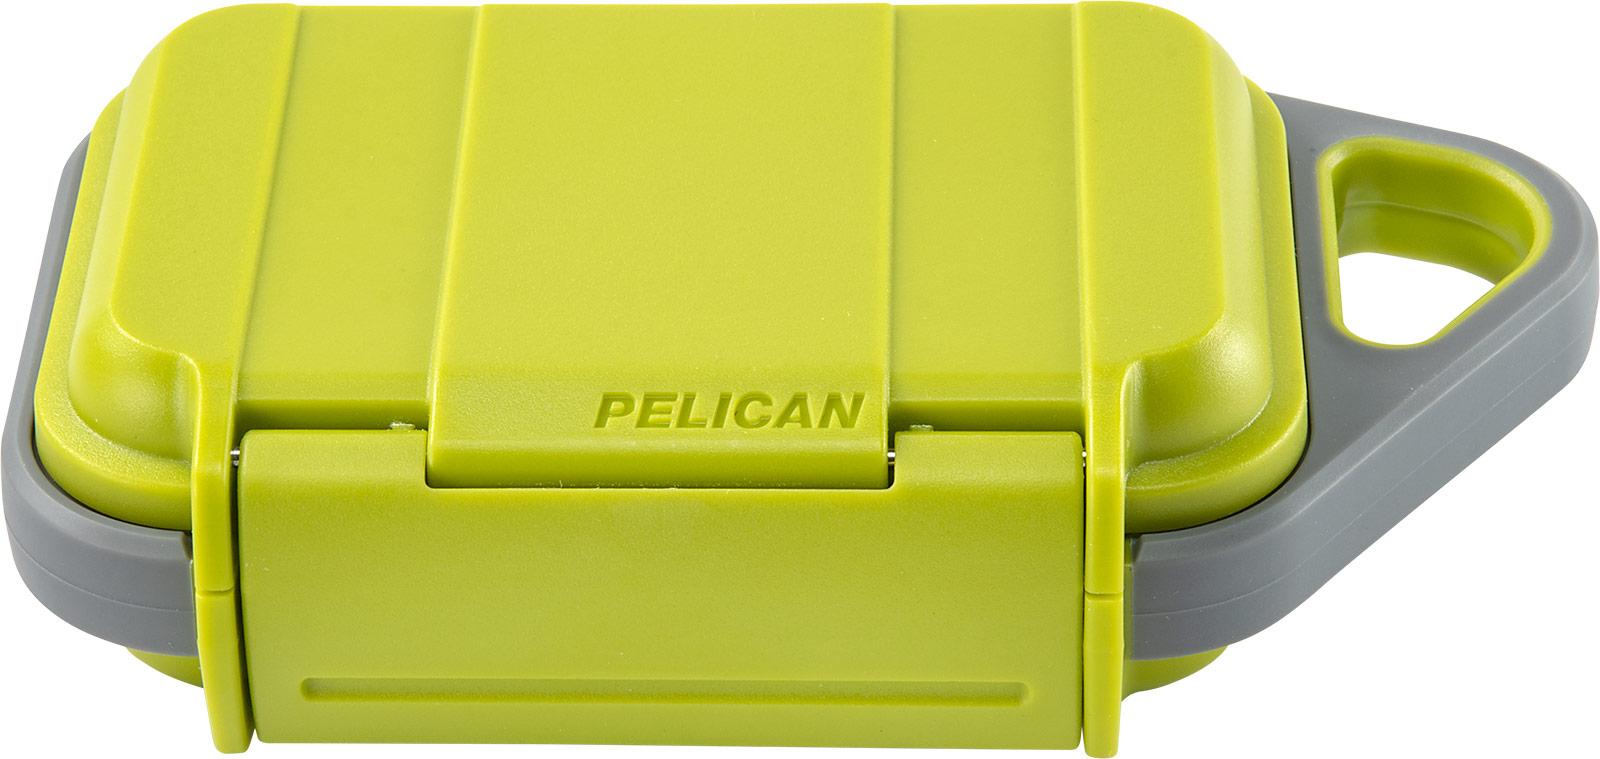 pelican g10 crushproof micro go case